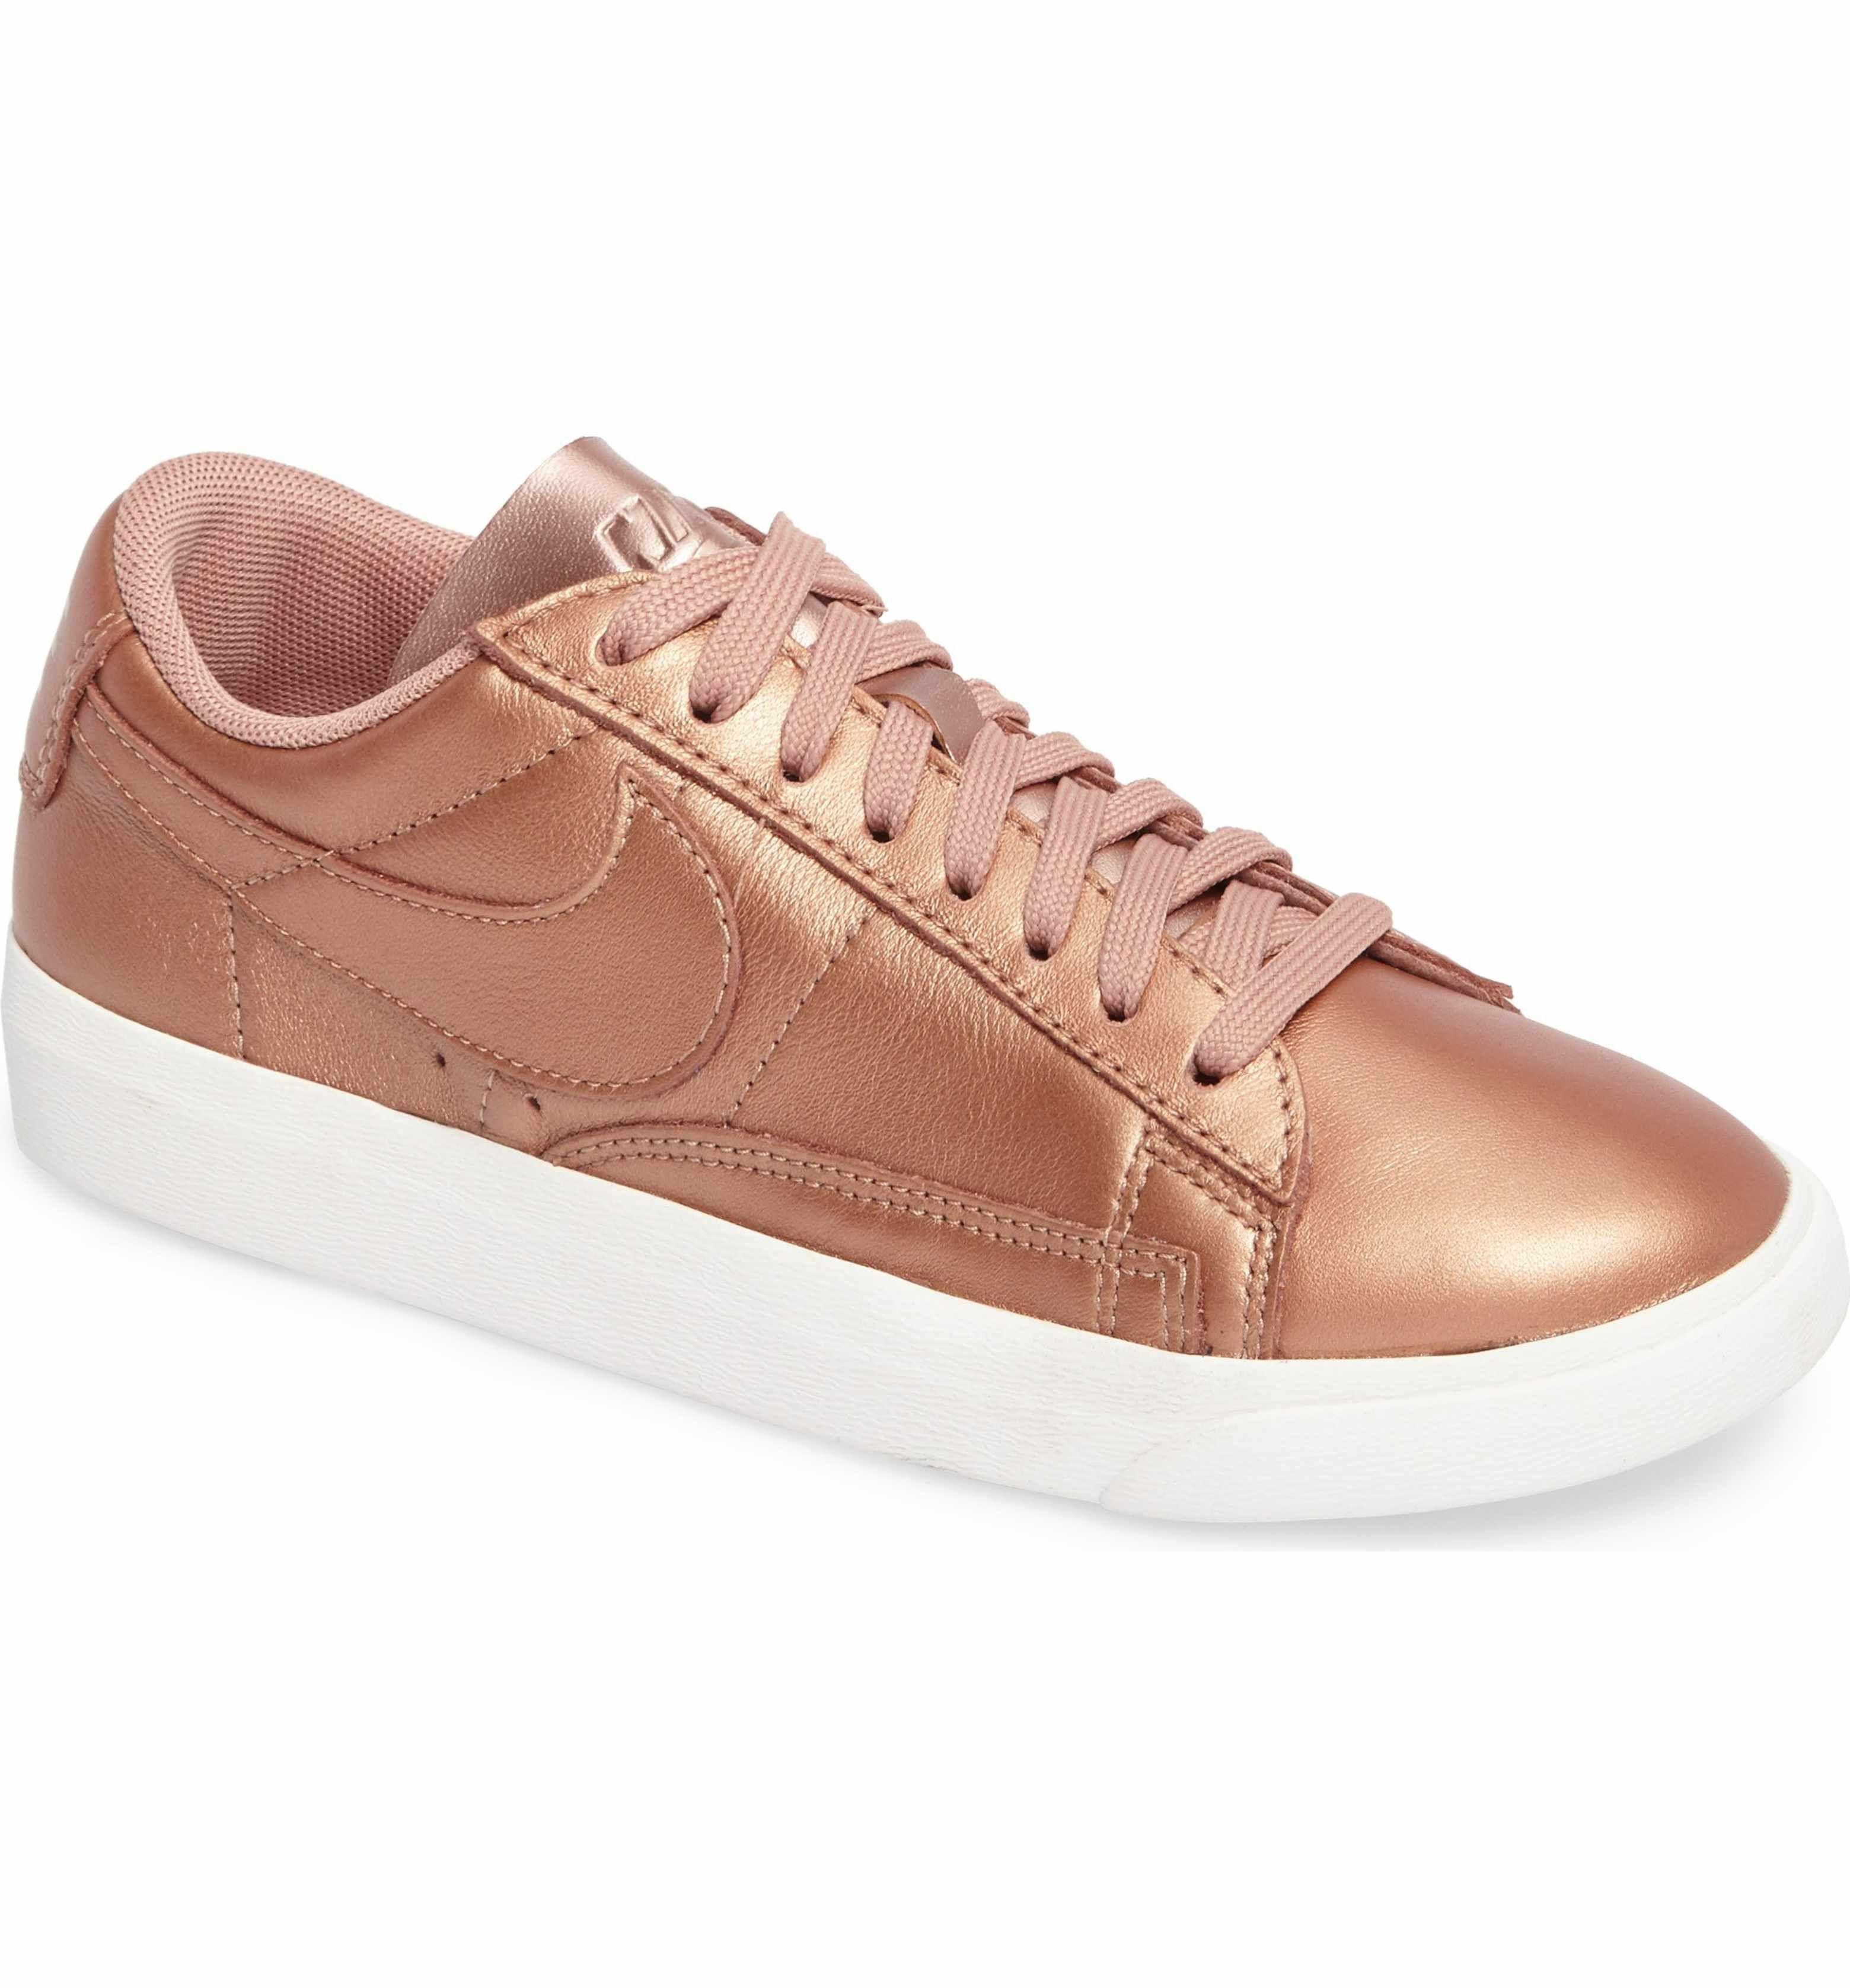 Femmes Nike Blazer Mi Découpez Prm Étoile De Bronze vente confortable ebay faux zM7YSo